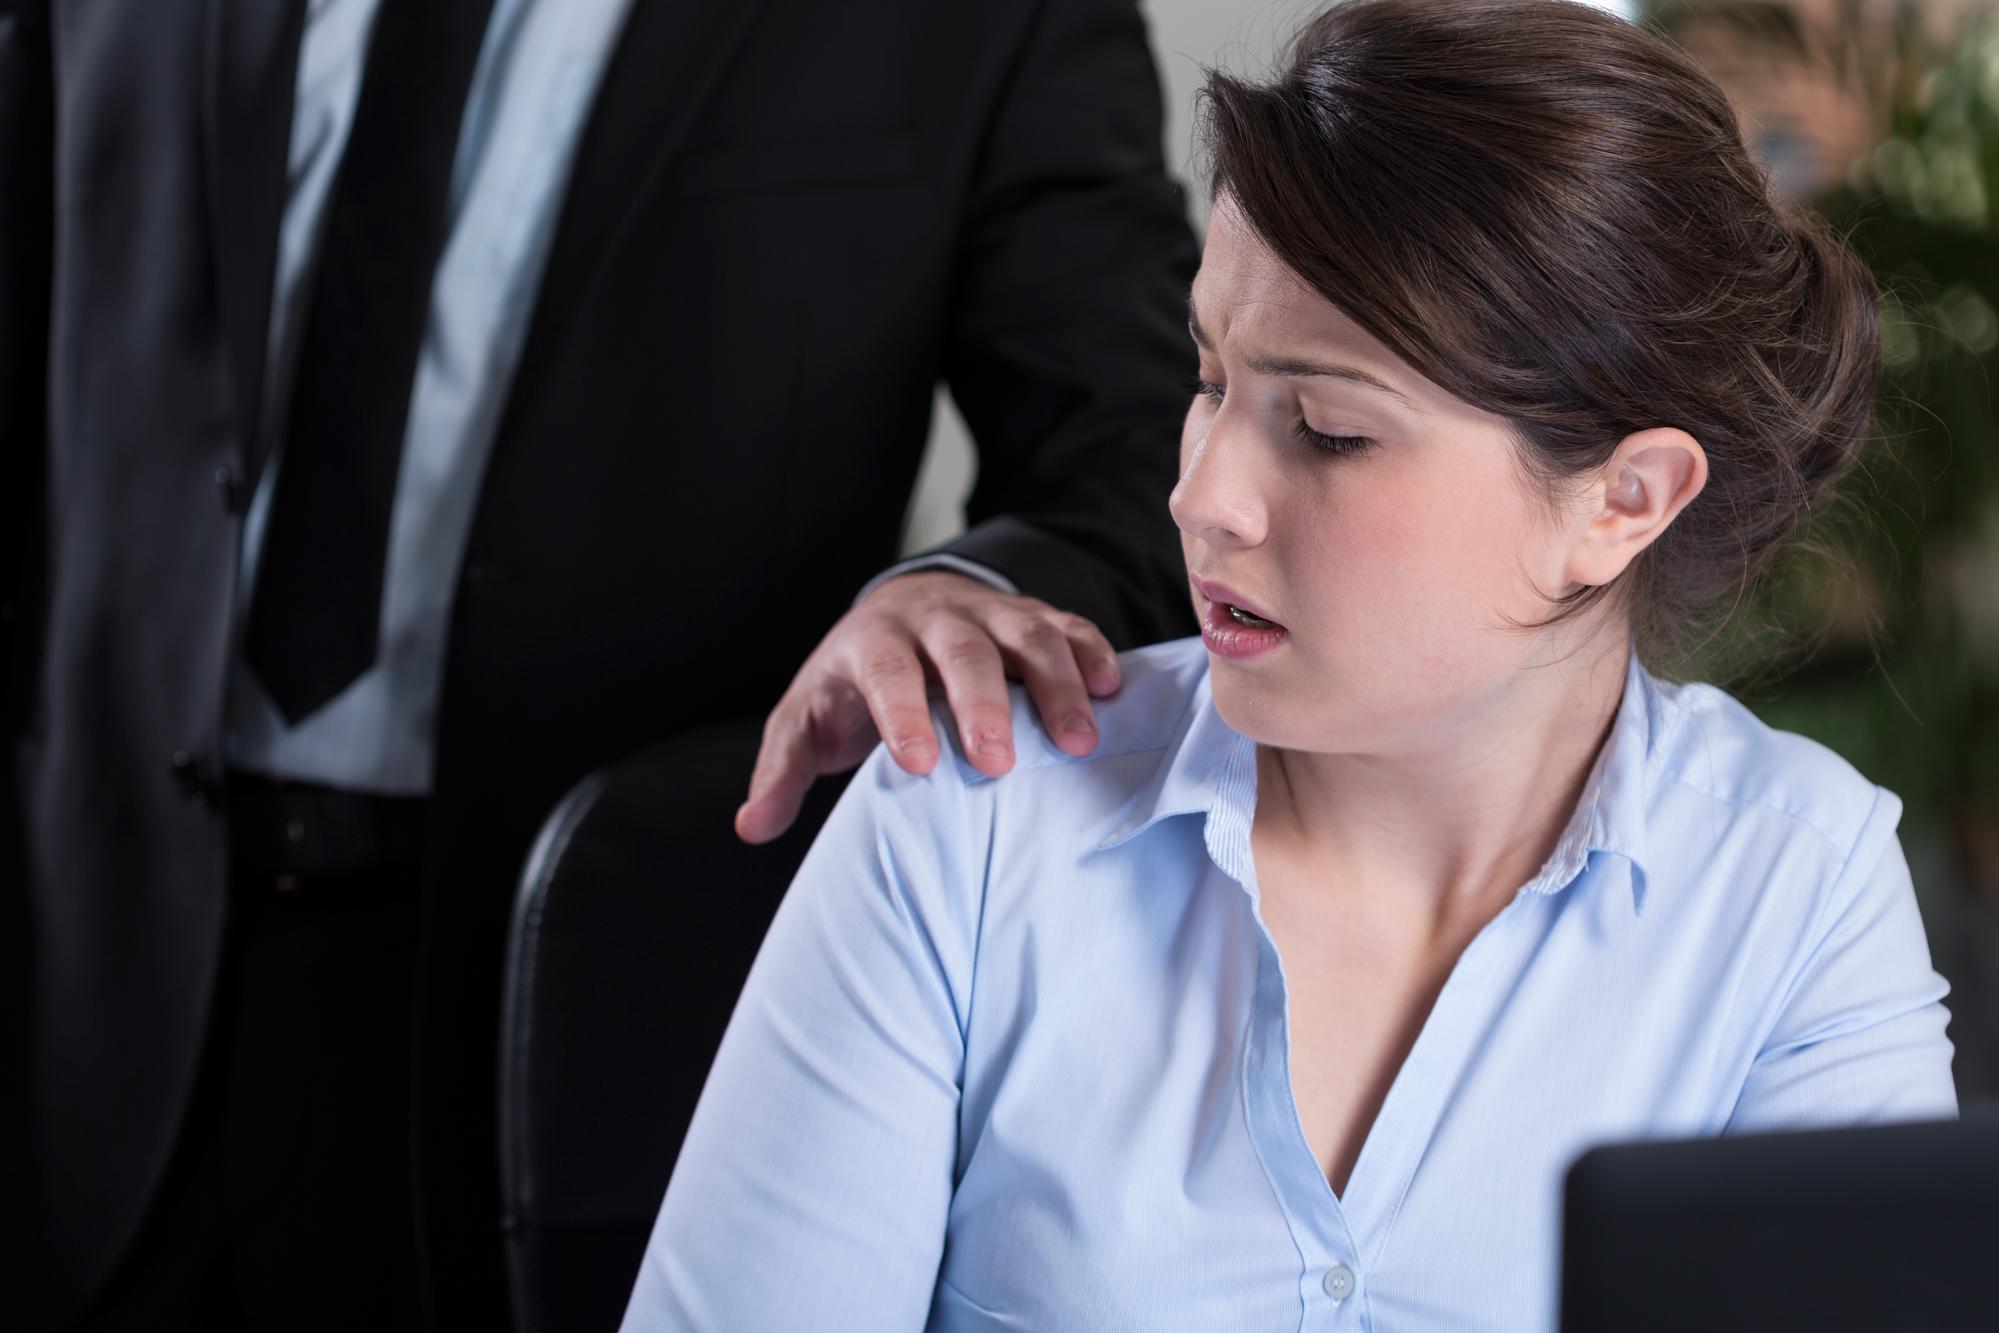 Molestowanie seksualne - nadmierna poufałóść w miejscu pracy